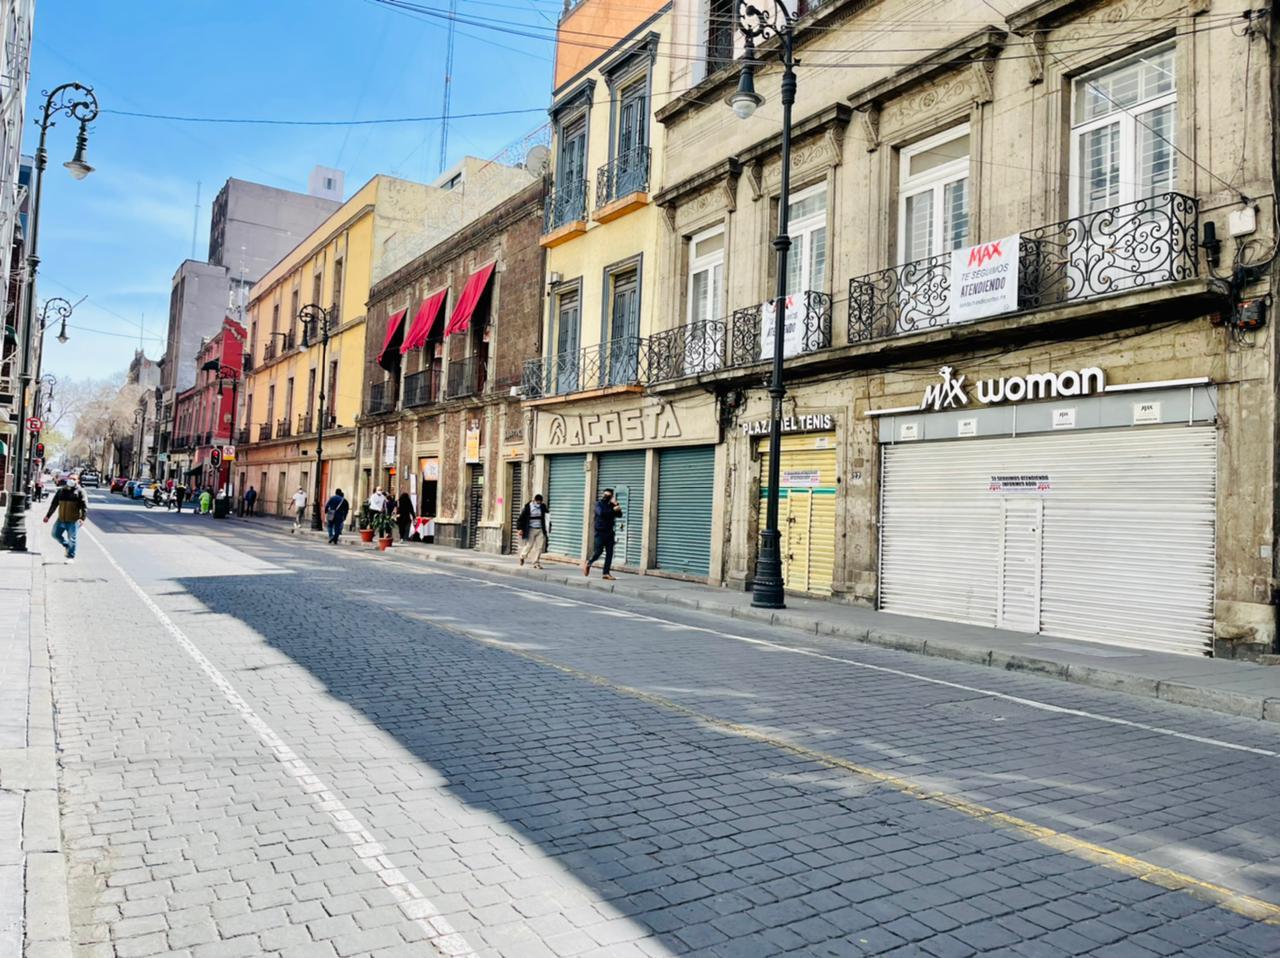 Negocios de la CDMX calculan recuperación económica hasta 2022